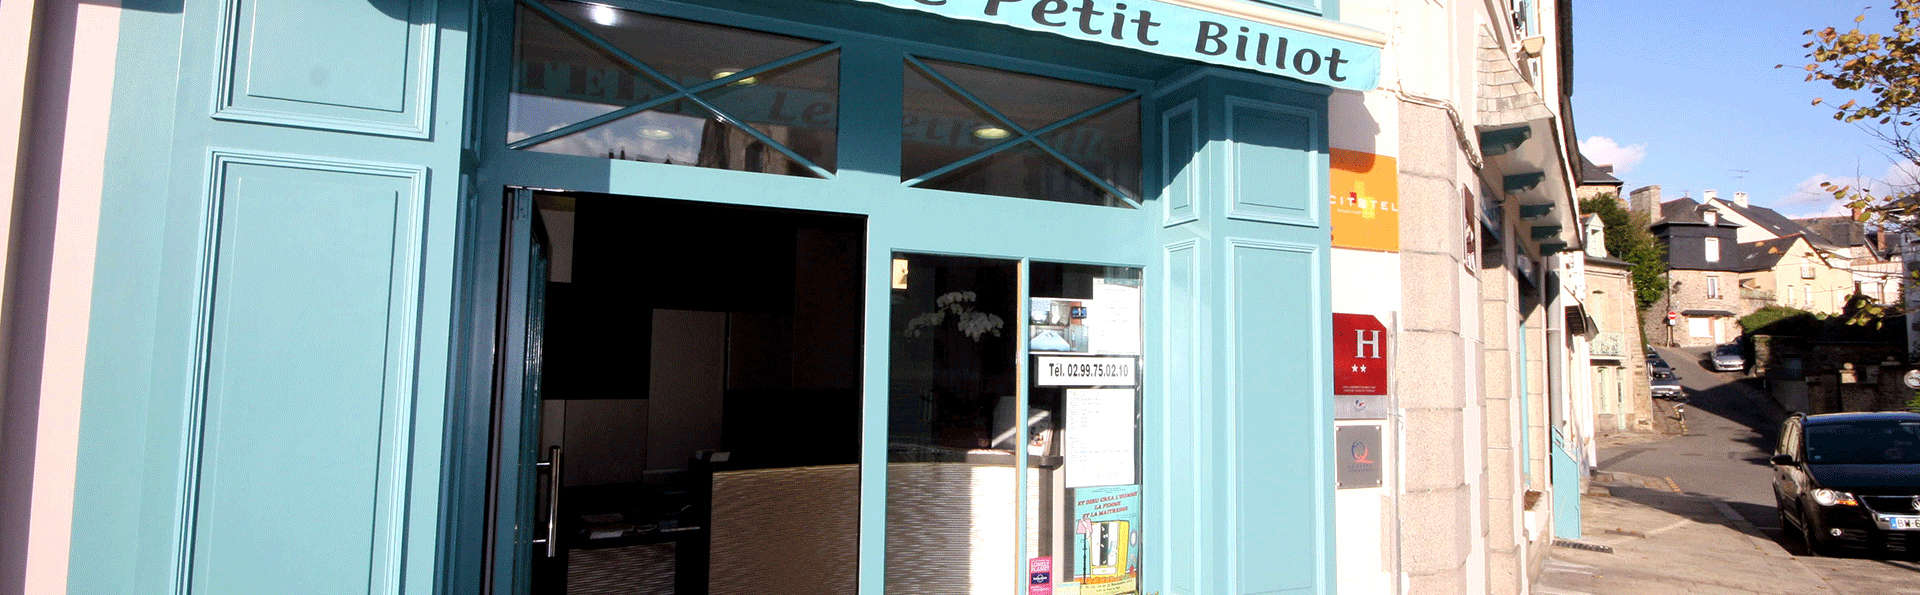 Hôtel Le Petit Billot - Edit_Front2.jpg